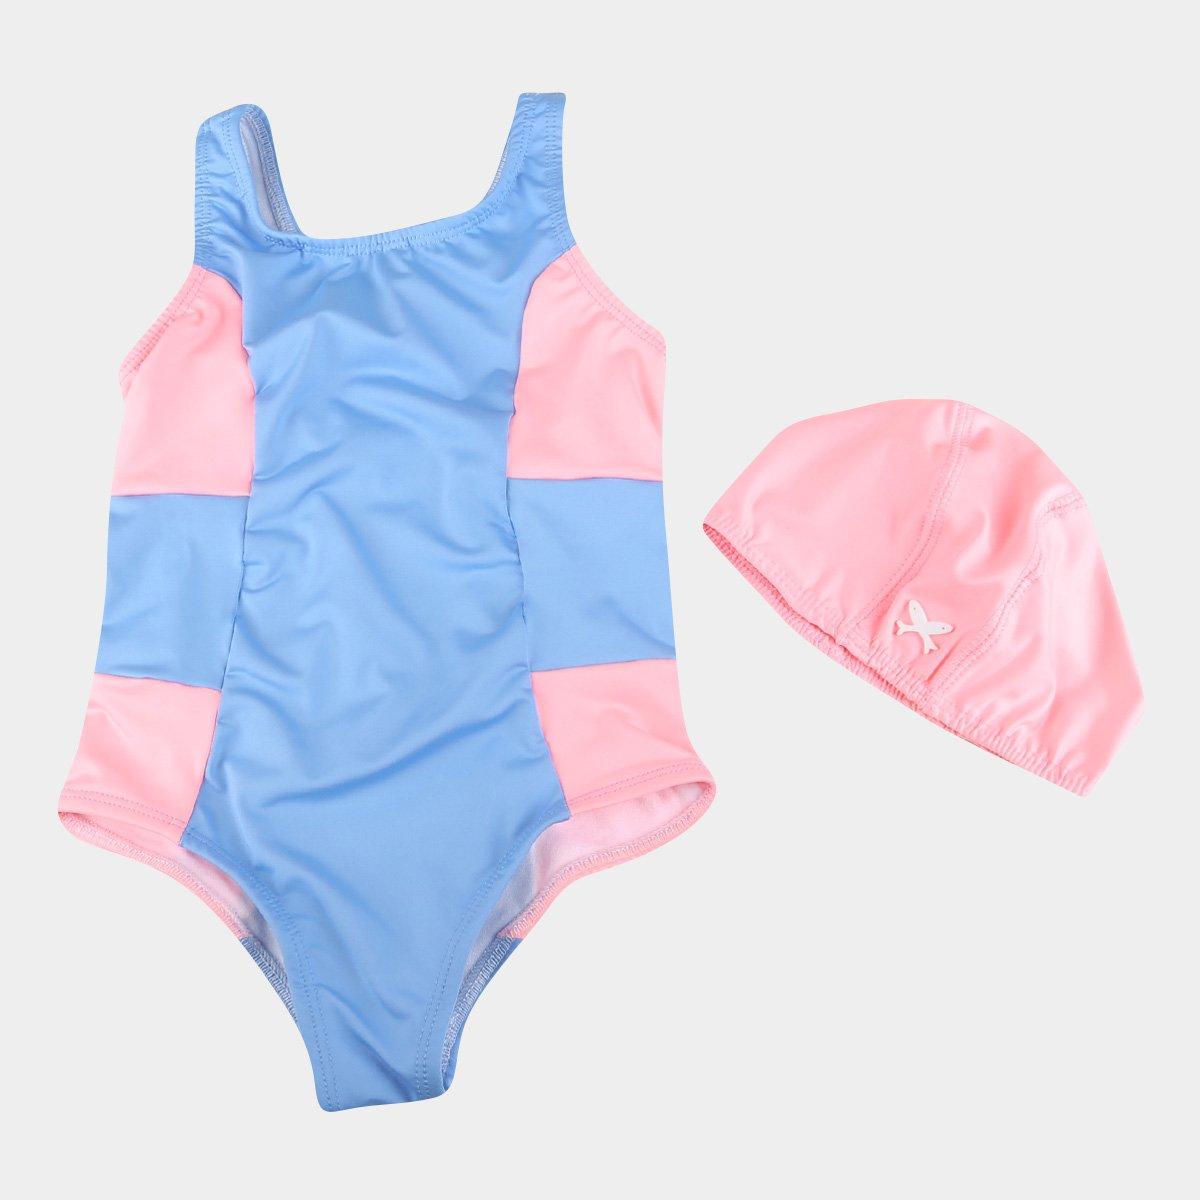 Maiô Infantil Hering Proteção UV 50 + Touca